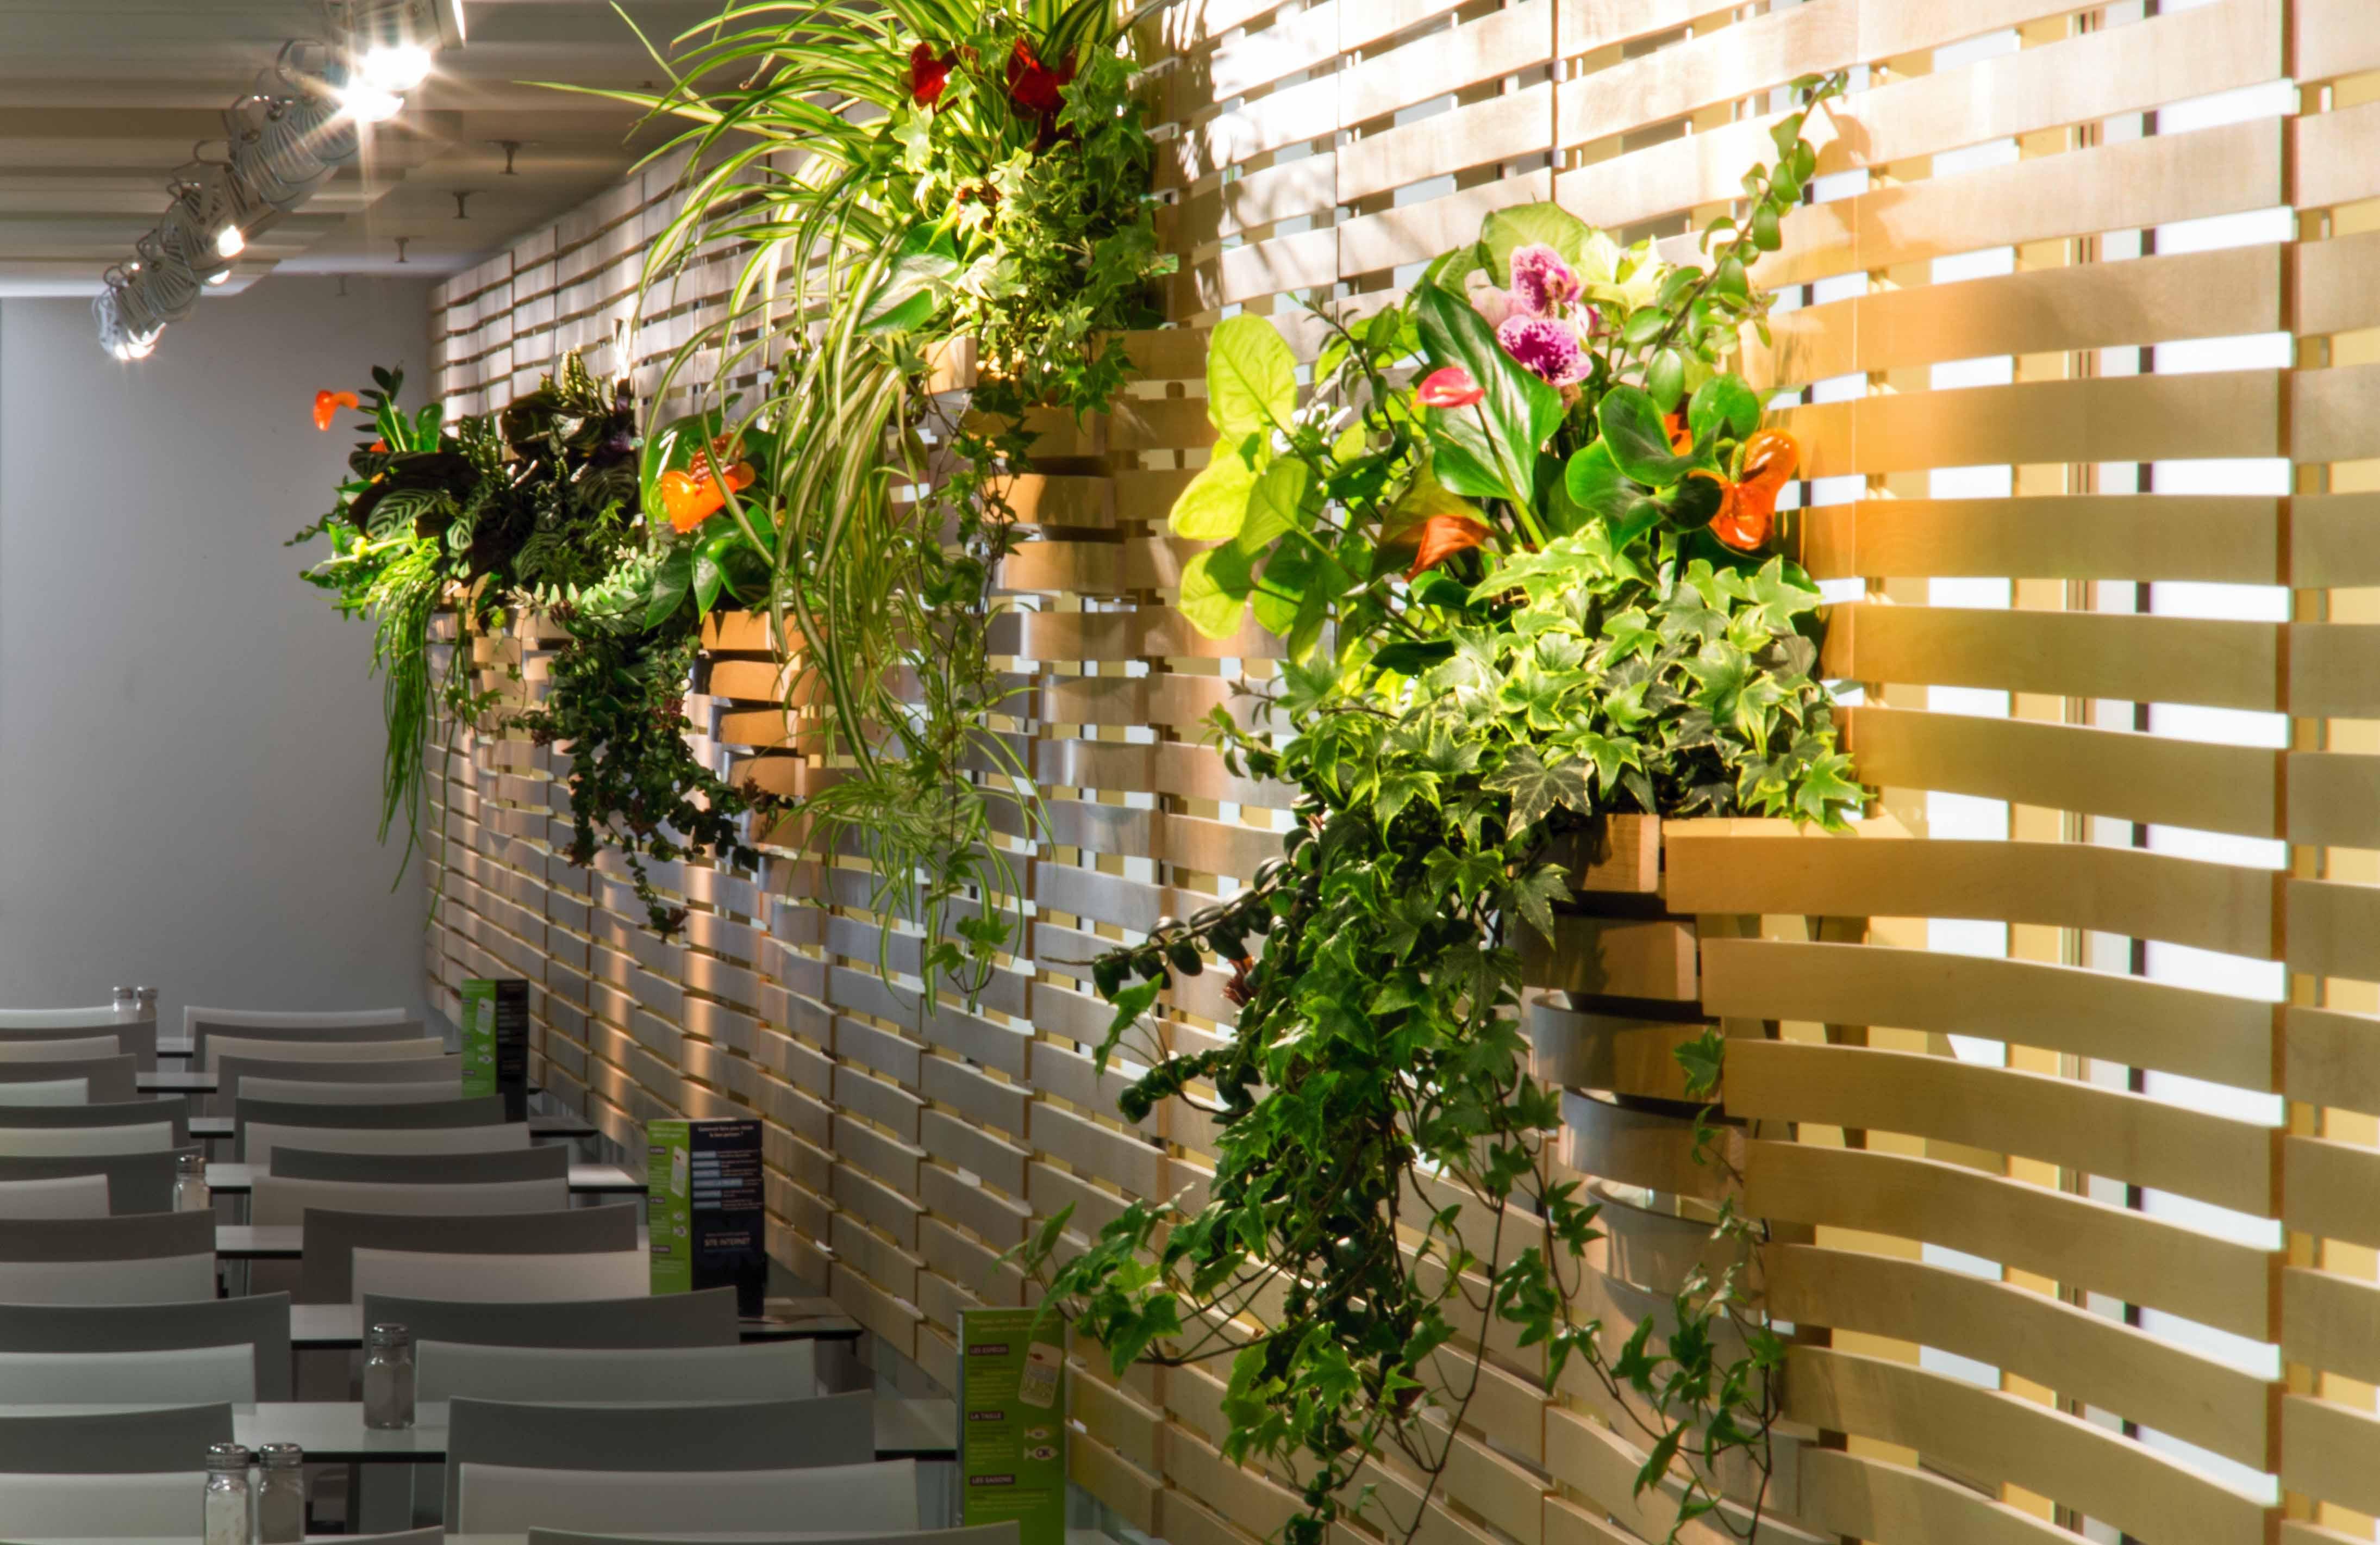 claustra, vegetal, sncf